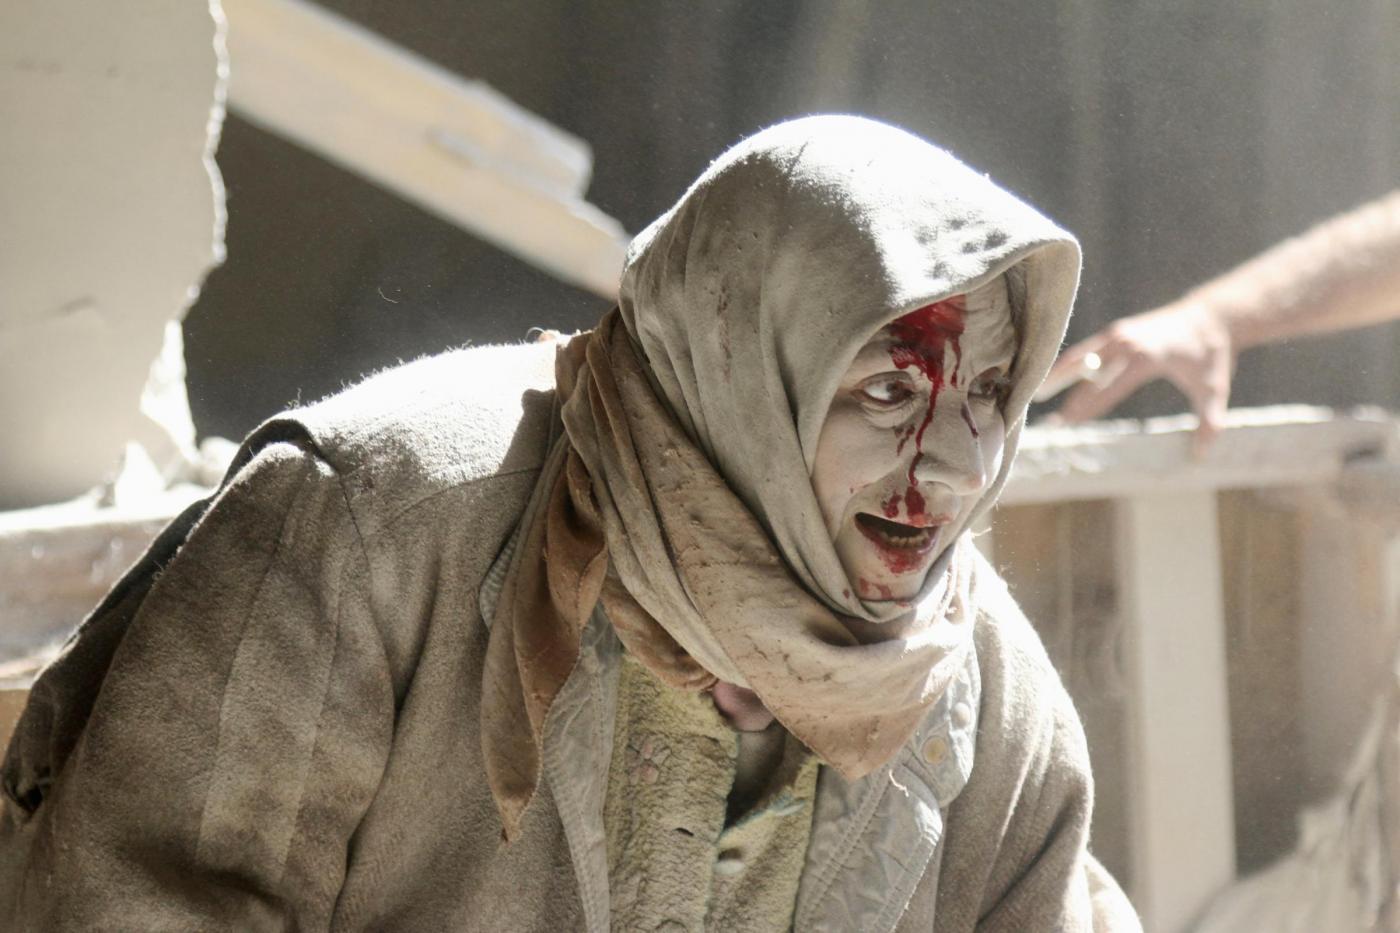 Siria: da Aleppo evacuazione di feriti e civili, ma la tregua annunciata non c'è